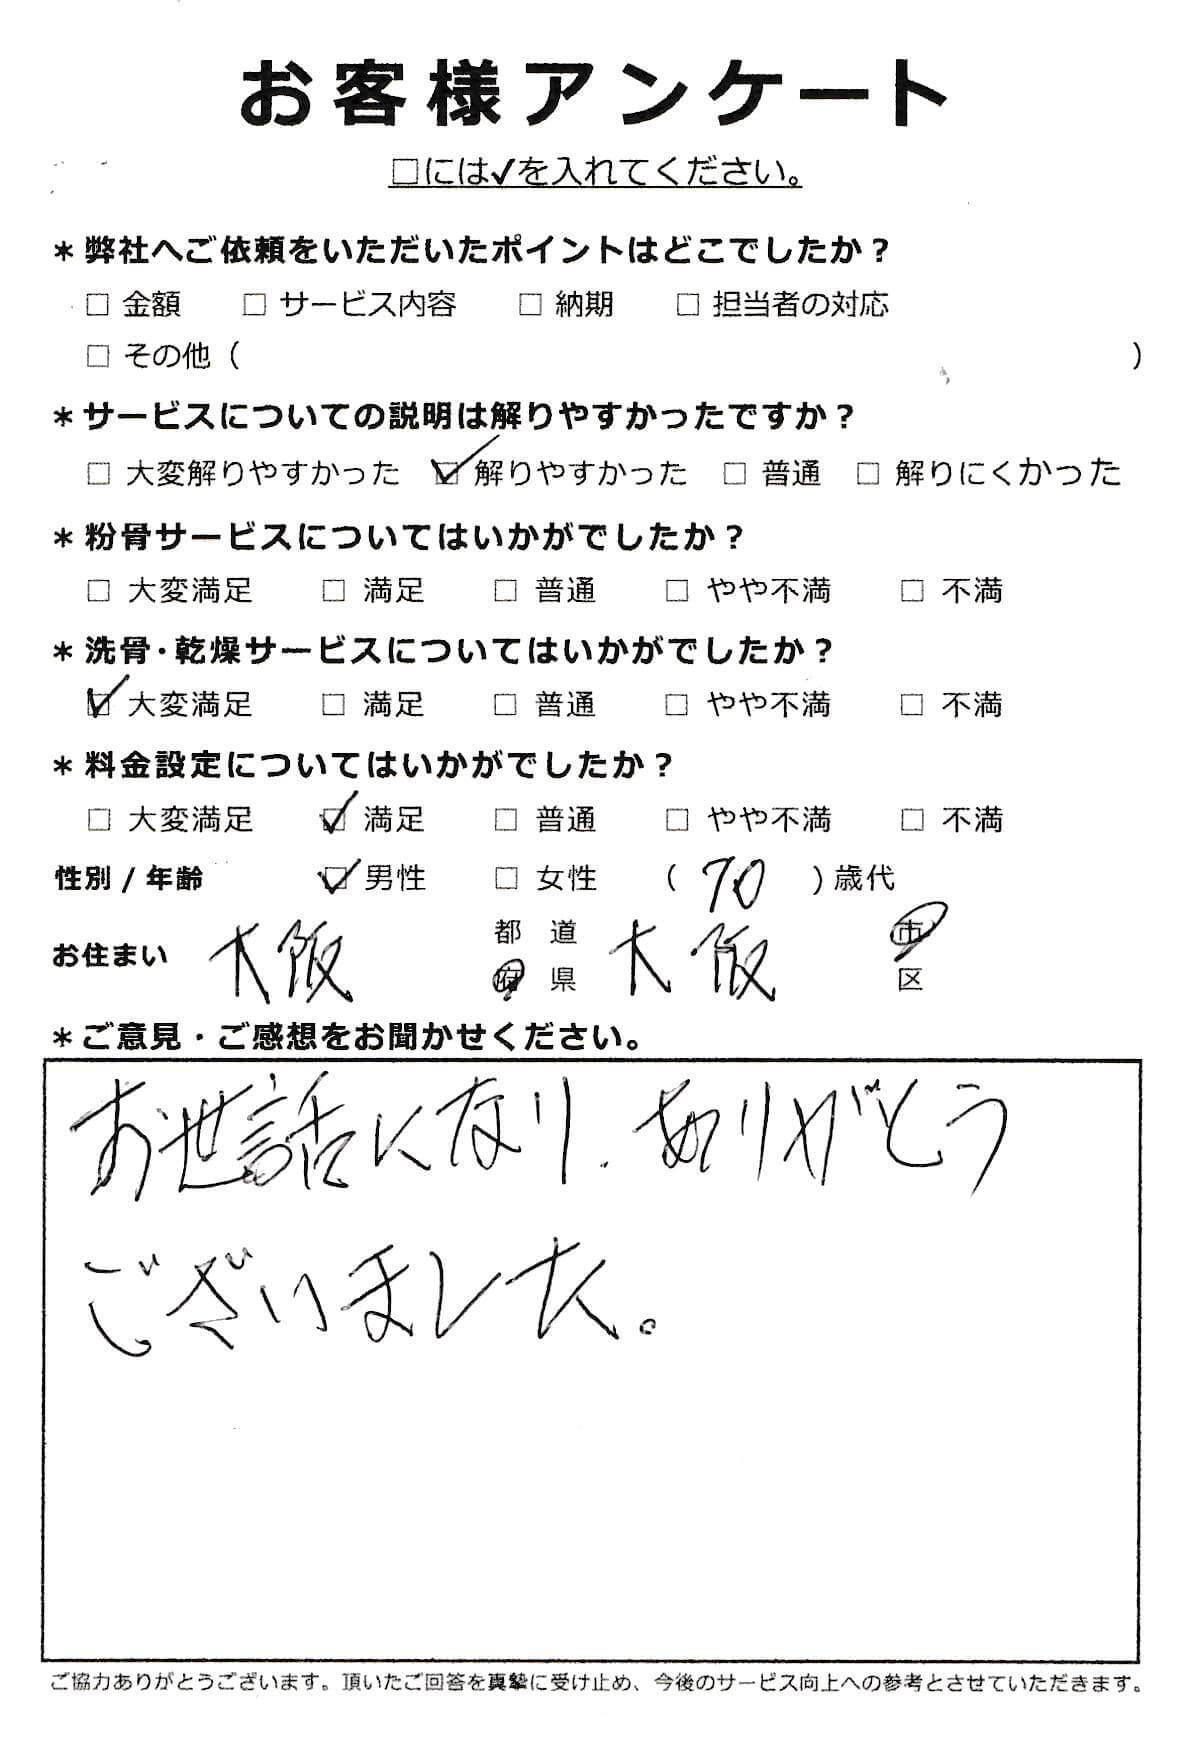 大阪府大阪市での粉骨サービス